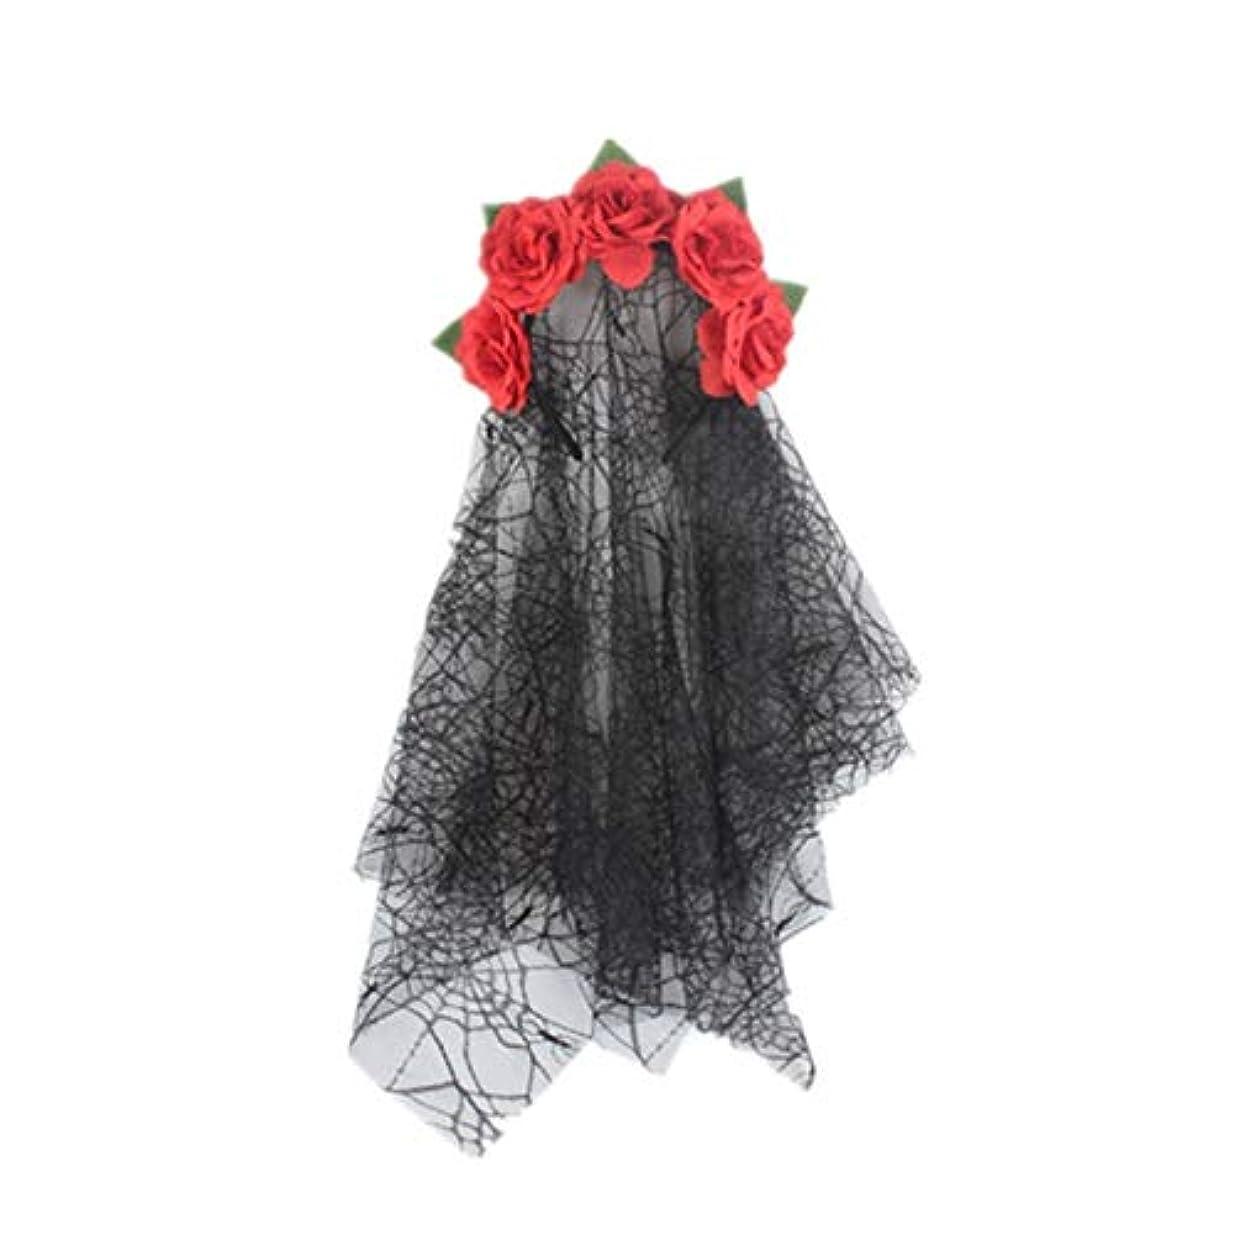 雑多なコンペガイダンス仮装パーティードレスコスチュームパーティーのアクセサリーベール女性赤いバラの花の冠プロのヘアクリップファッションヘアクリップを着てフード付き花嫁ヘアアクセサリー かわいい 髪留め (Color : Red)